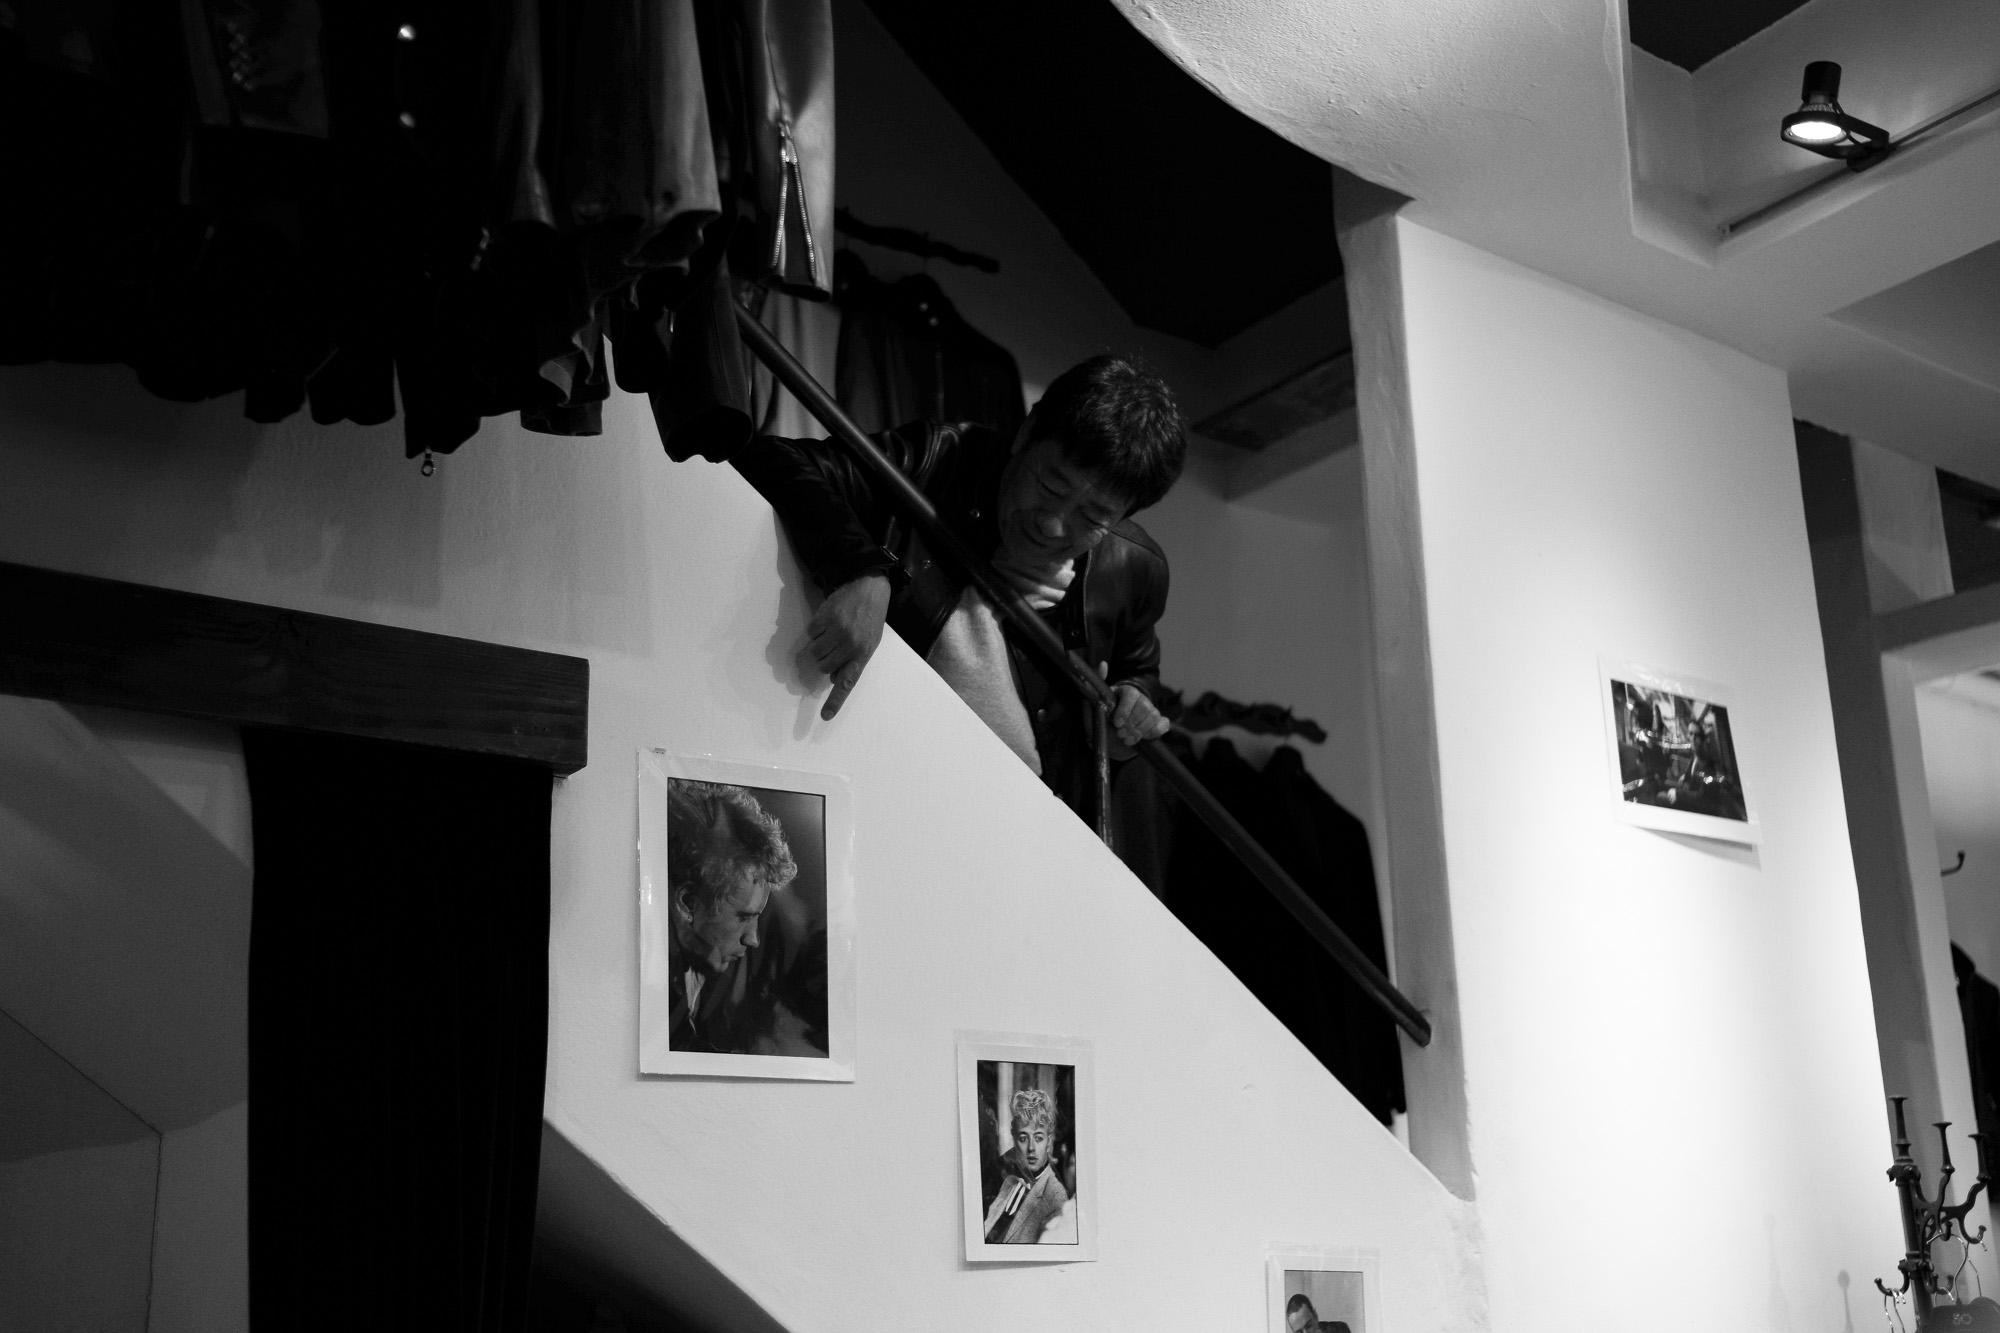 PUNK PUNK PUNKハービー・山口さん 愛知 名古屋 altoediritto アルトエデリット ジョーストラマー ライカ 写真家 ジョン・ライドン ジョニー・ロットン Johnny Rotten John Lydon ブライアンセッツァー Brian Setzer